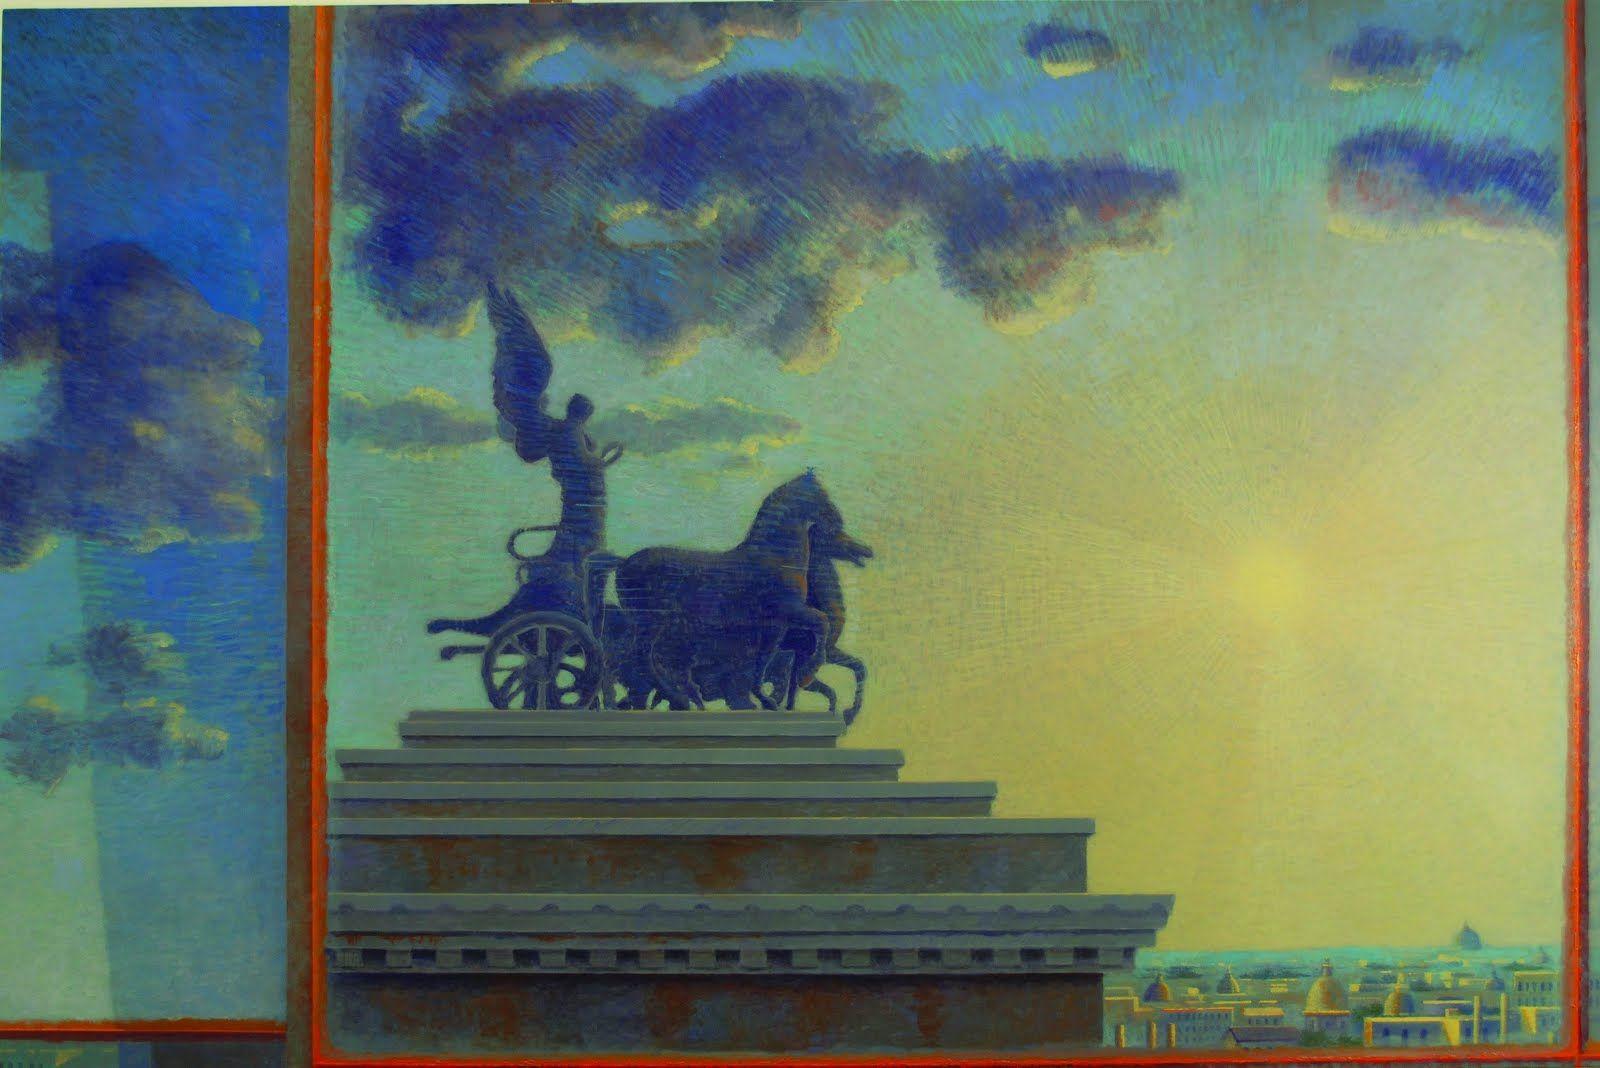 giuseppe-modica-cavalli-nel-cielo-di-roma-2013-huile-sur-toile-cm-100-x-150_0